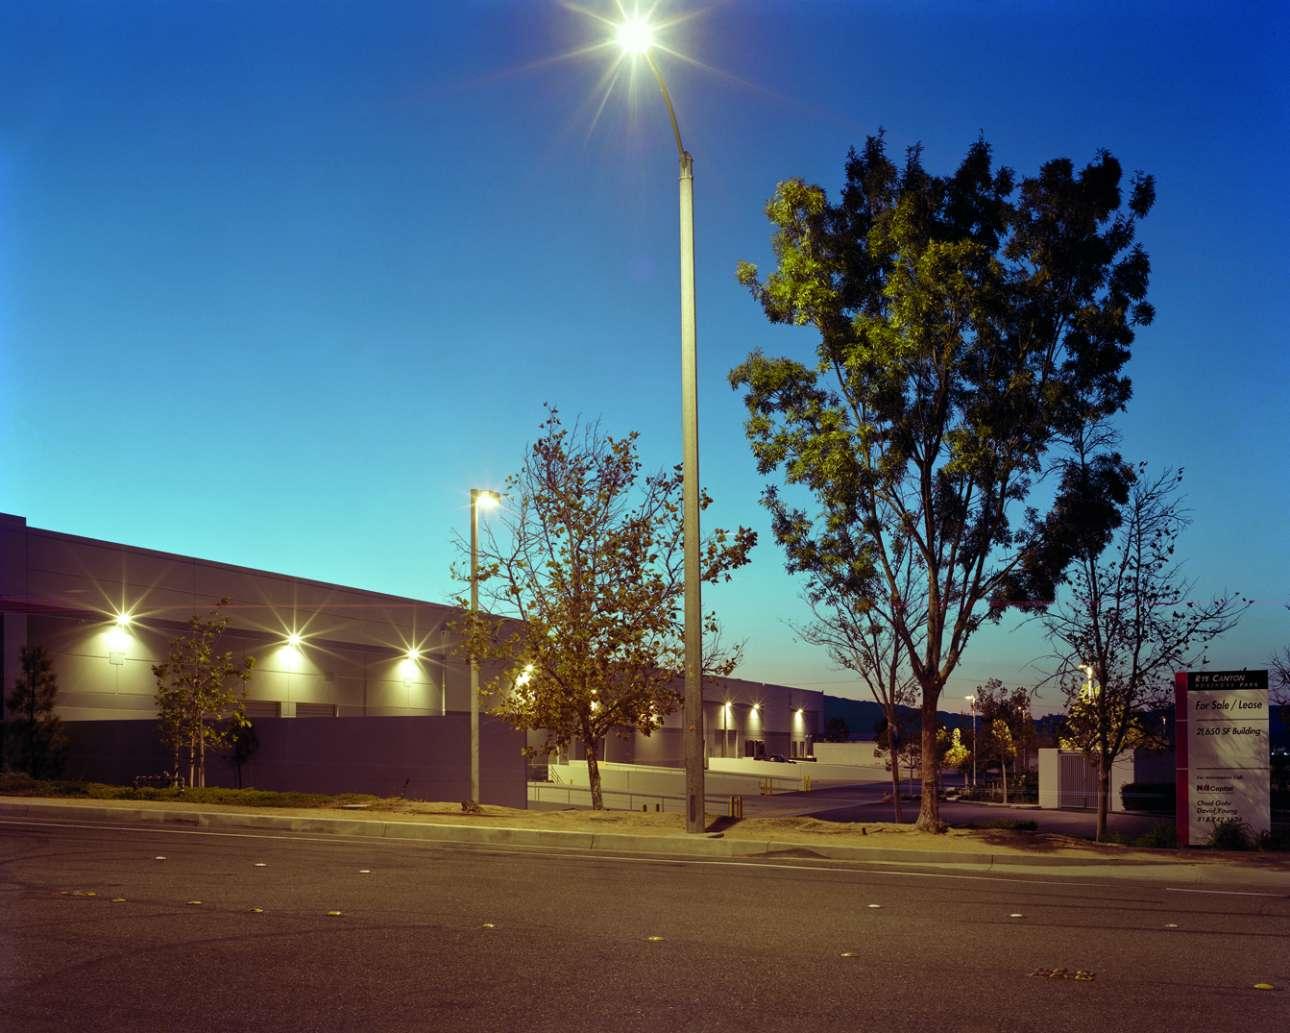 Πολ Γουόκερ, Οδός Ηρακλή, Καλιφόρνια, 30 Νοεμβρίου 2013. Ο πρωταγωνιστής της ταινίας «Fast and Furious» επέβαινε σε Porsche που οδηγούσε ο φίλος του Ρότζερ Ράντα. Το αυτοκίνητο «καρφώνεται» σε στύλο με ταχύτητα 160 χλμ. και τυλίγεται στις φλόγες. Ο Ράντα πεθαίνει ακαριαία, ο Γουόκερ πεθαίνει από τραυματισμούς και εγκαύματα